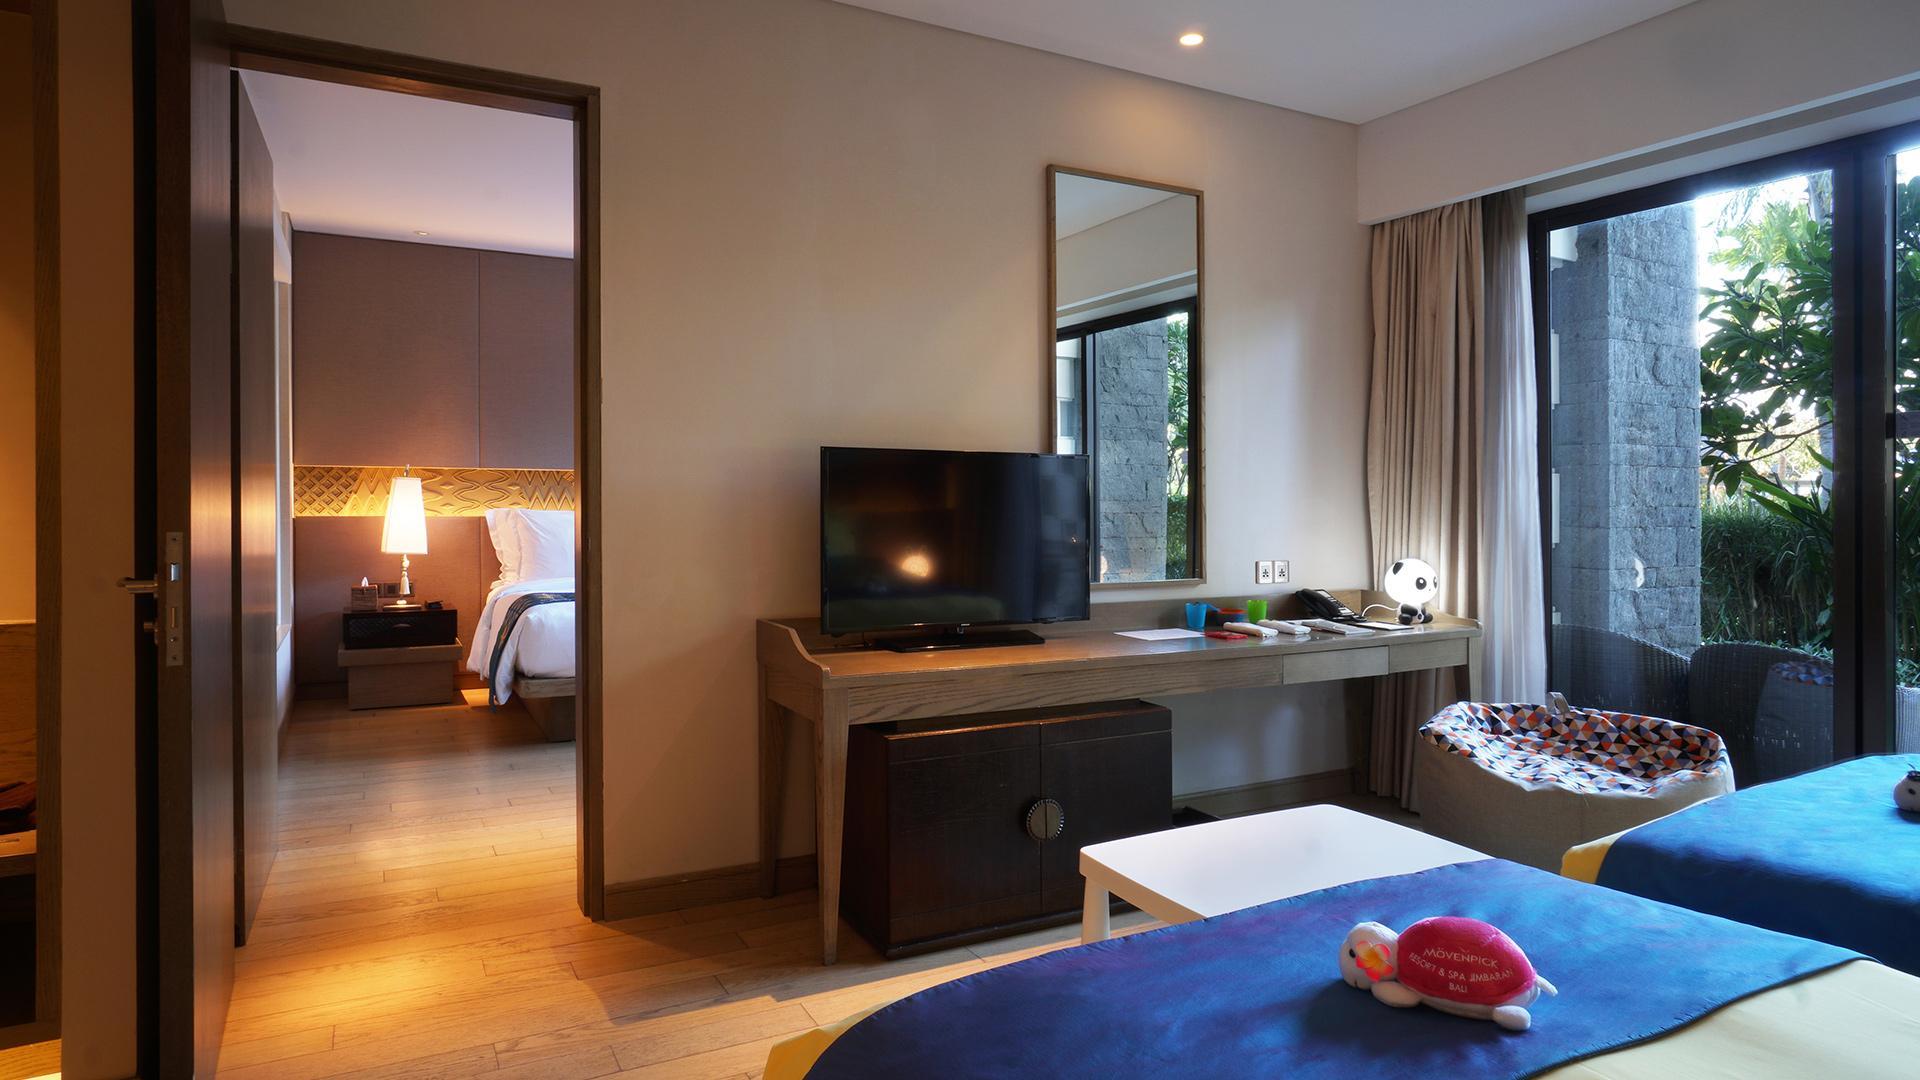 Interconnecting Classic Rooms image 1 at Mövenpick Resort & Spa Jimbaran Bali by Kabupaten Badung, Bali, Indonesia